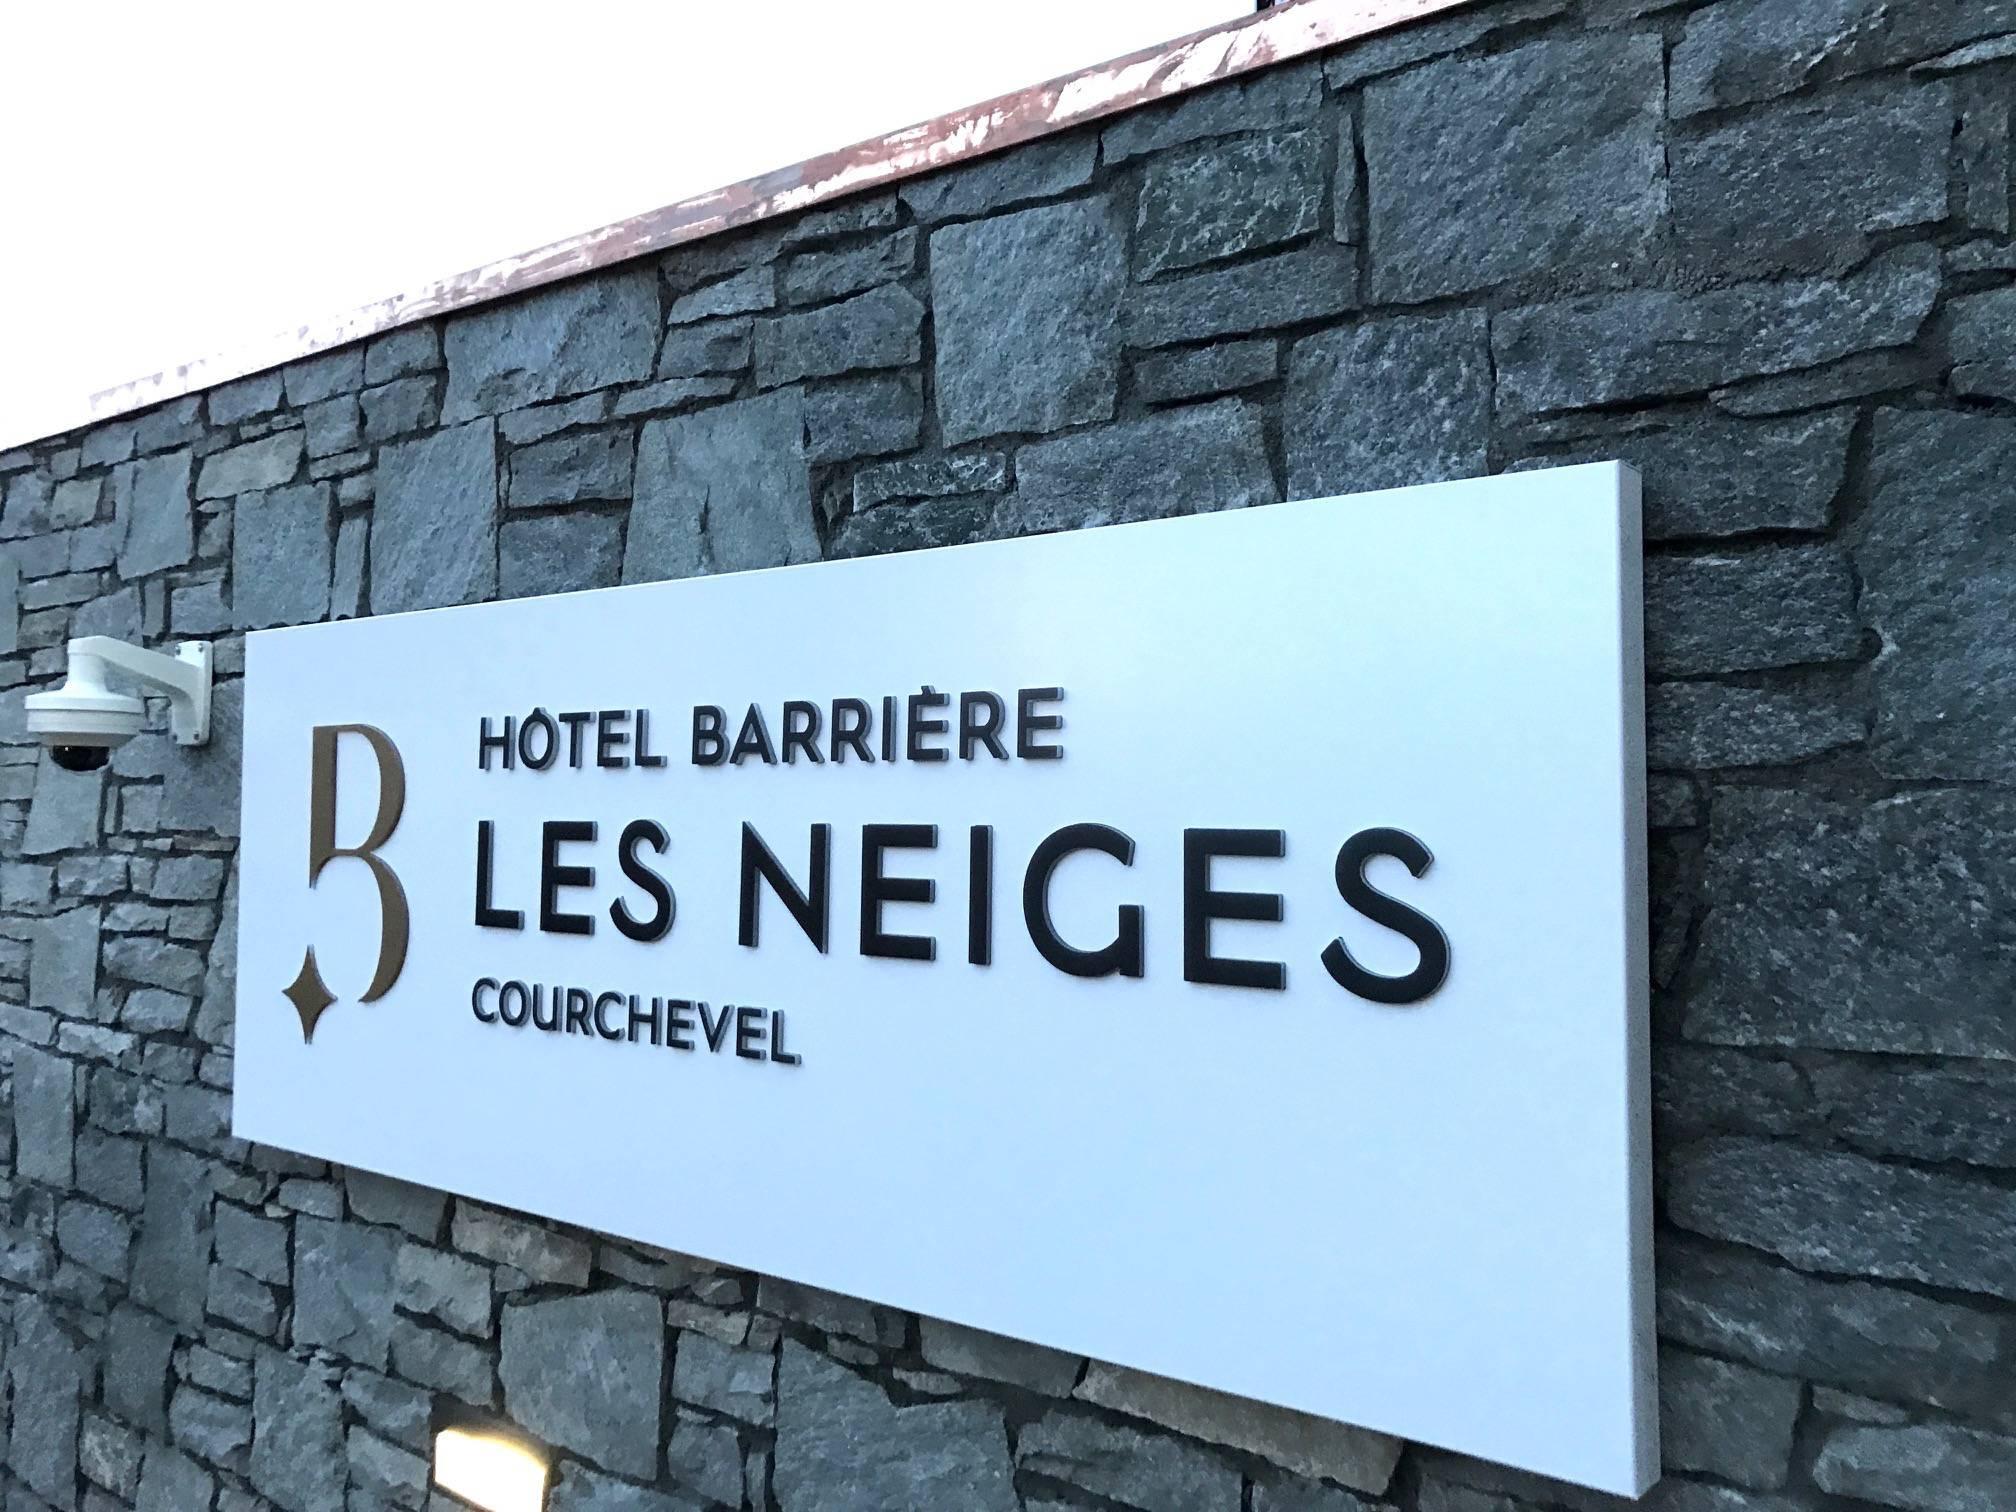 Hôtel Barrières – les neiges Courchevel